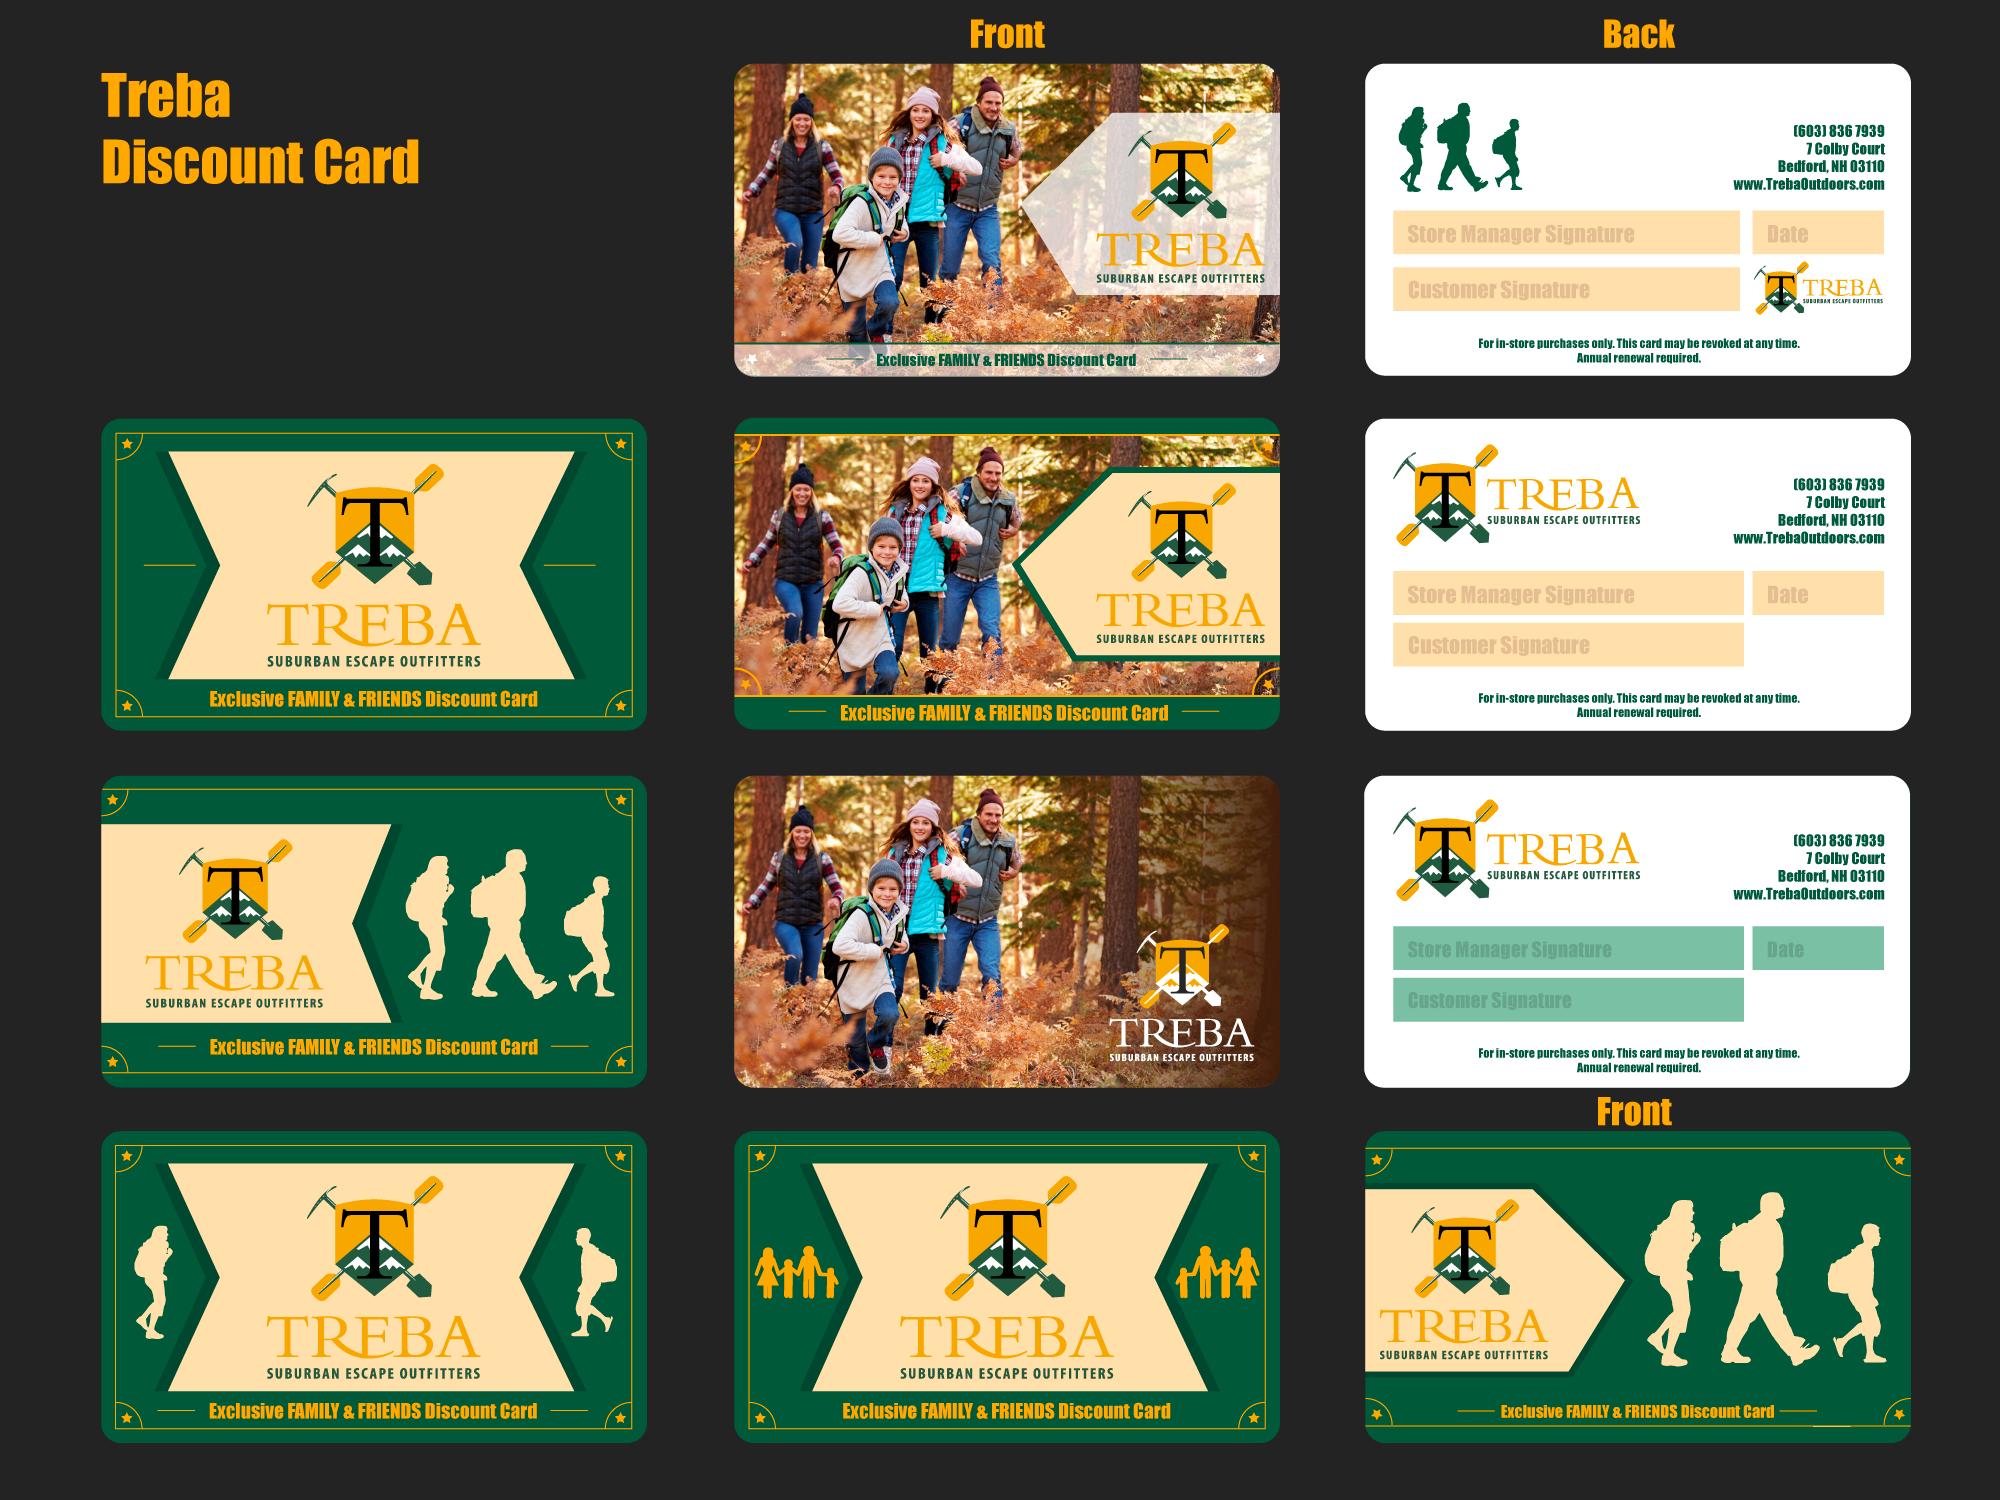 2015_Treba_DiscountCard_Concepts_2.png